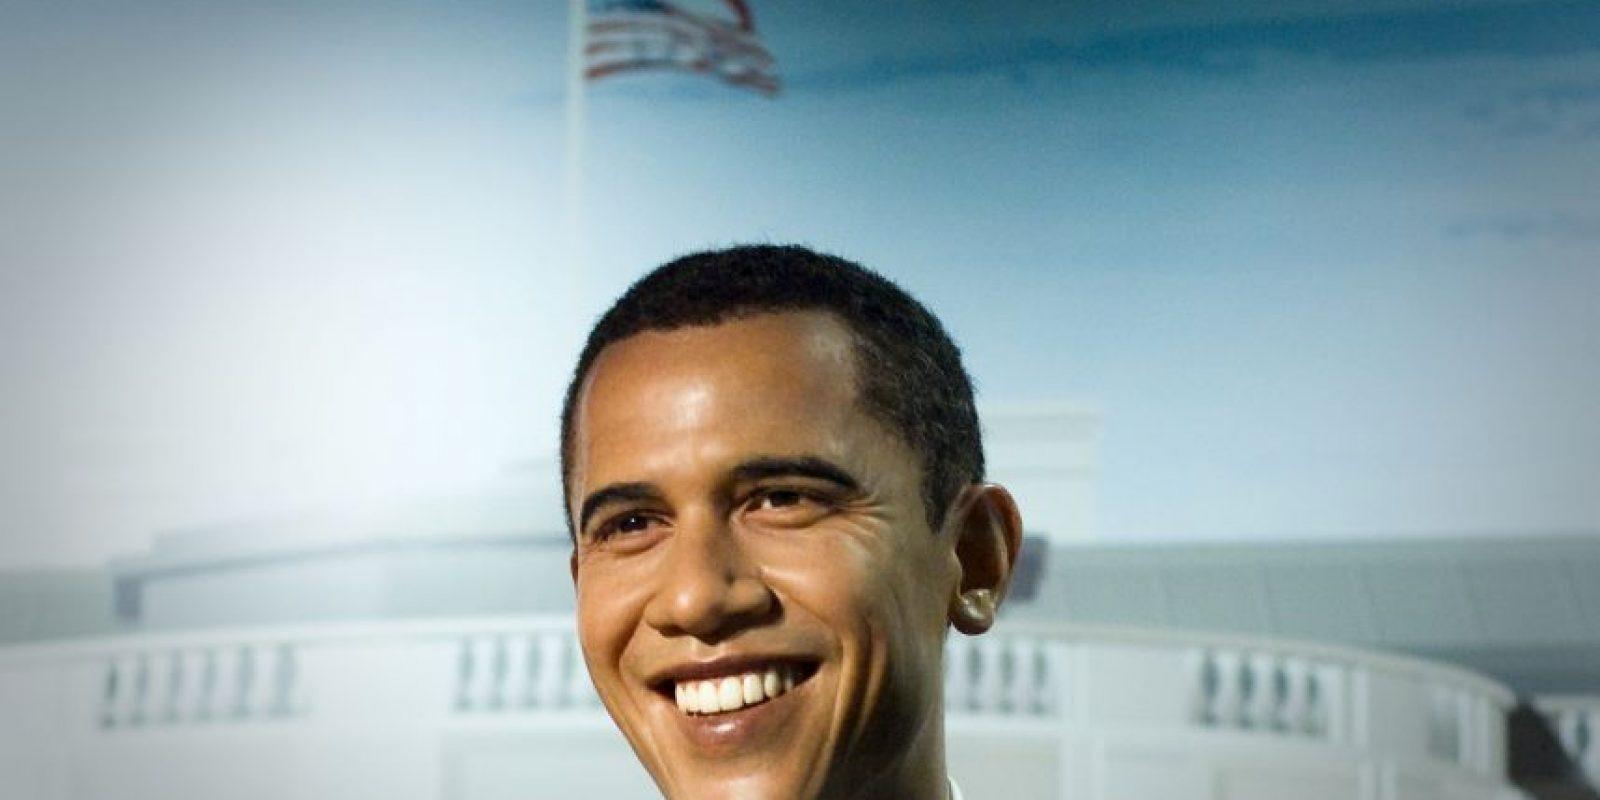 Así se presentó a Barack Obama en el museo de cera Madame Tussauds. Foto:Getty Images